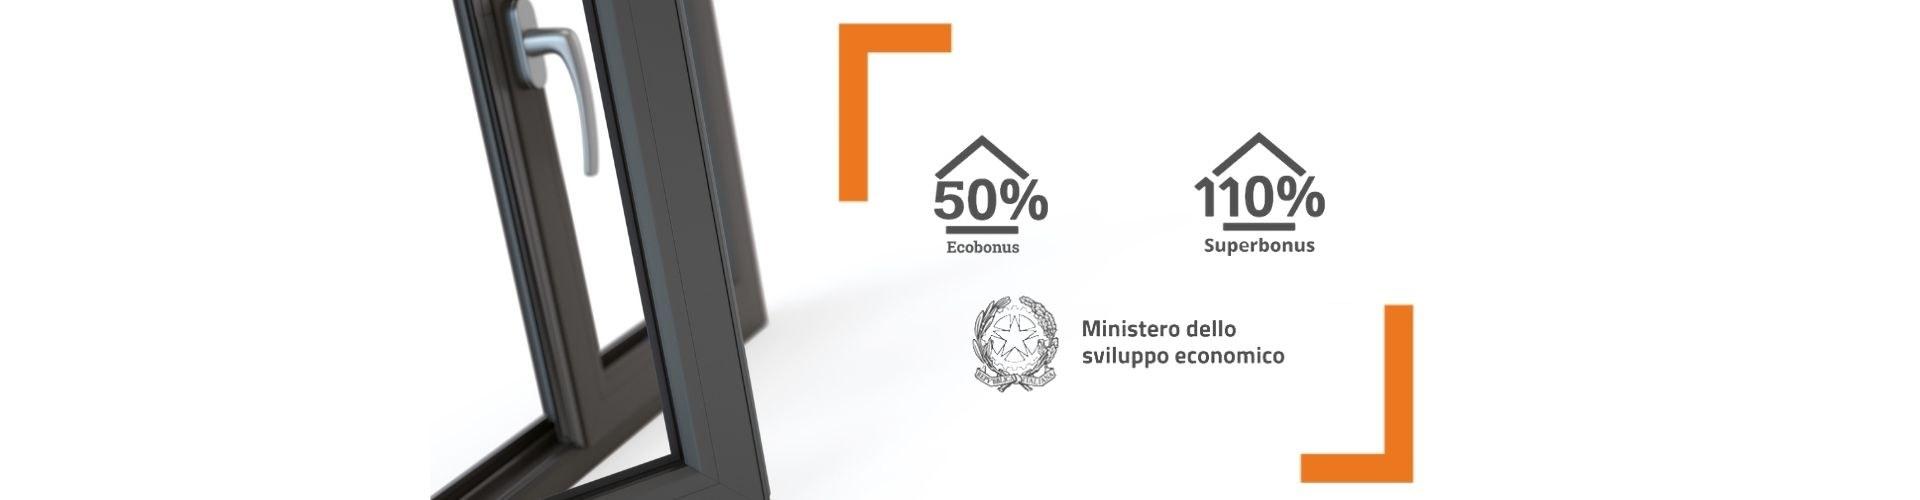 Ecobonus 50% sostituisci i tuoi infissi pagando la metà